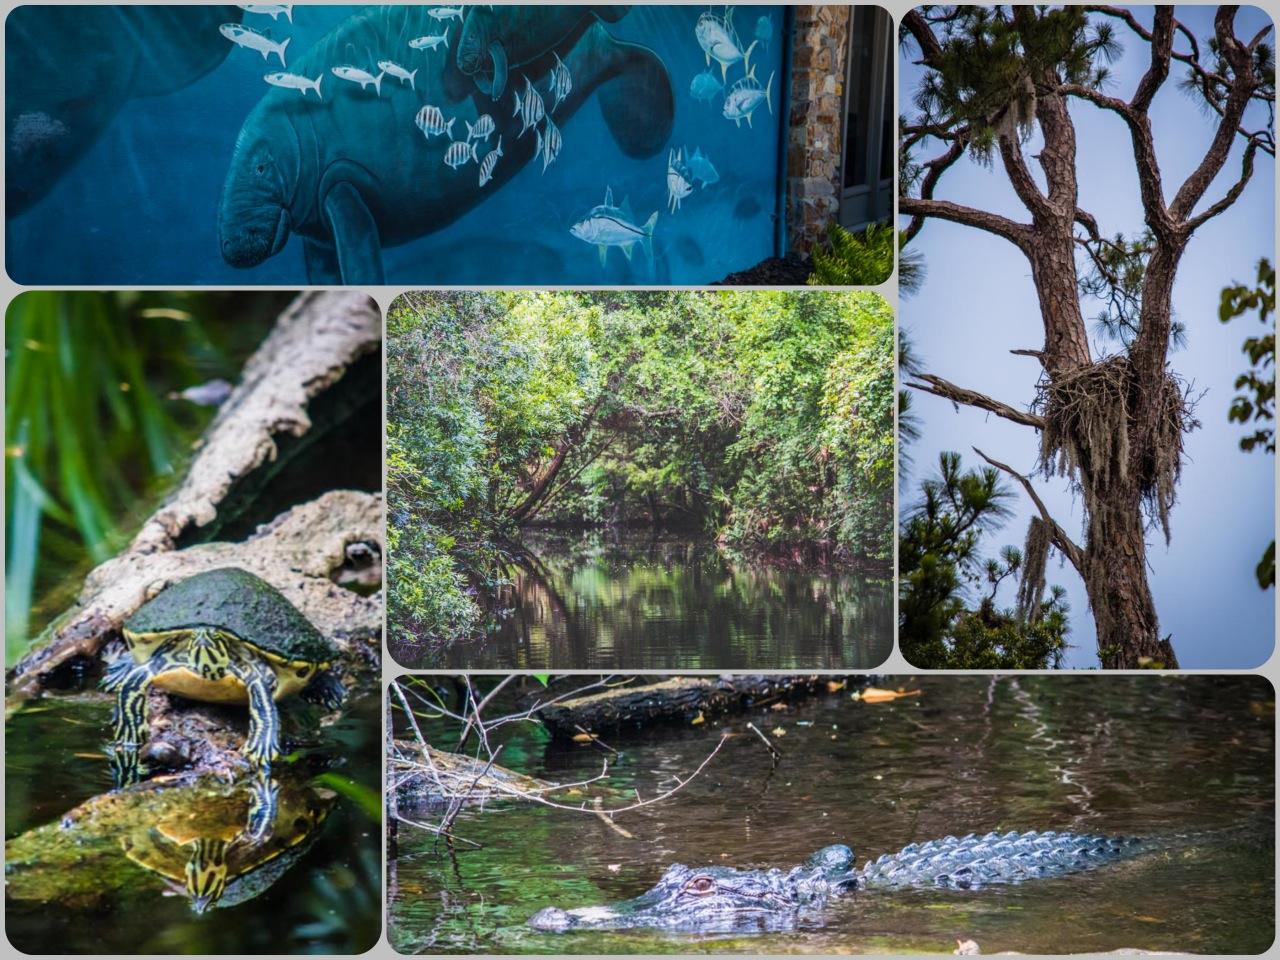 Ellie Wild Life Park Citrus County FL